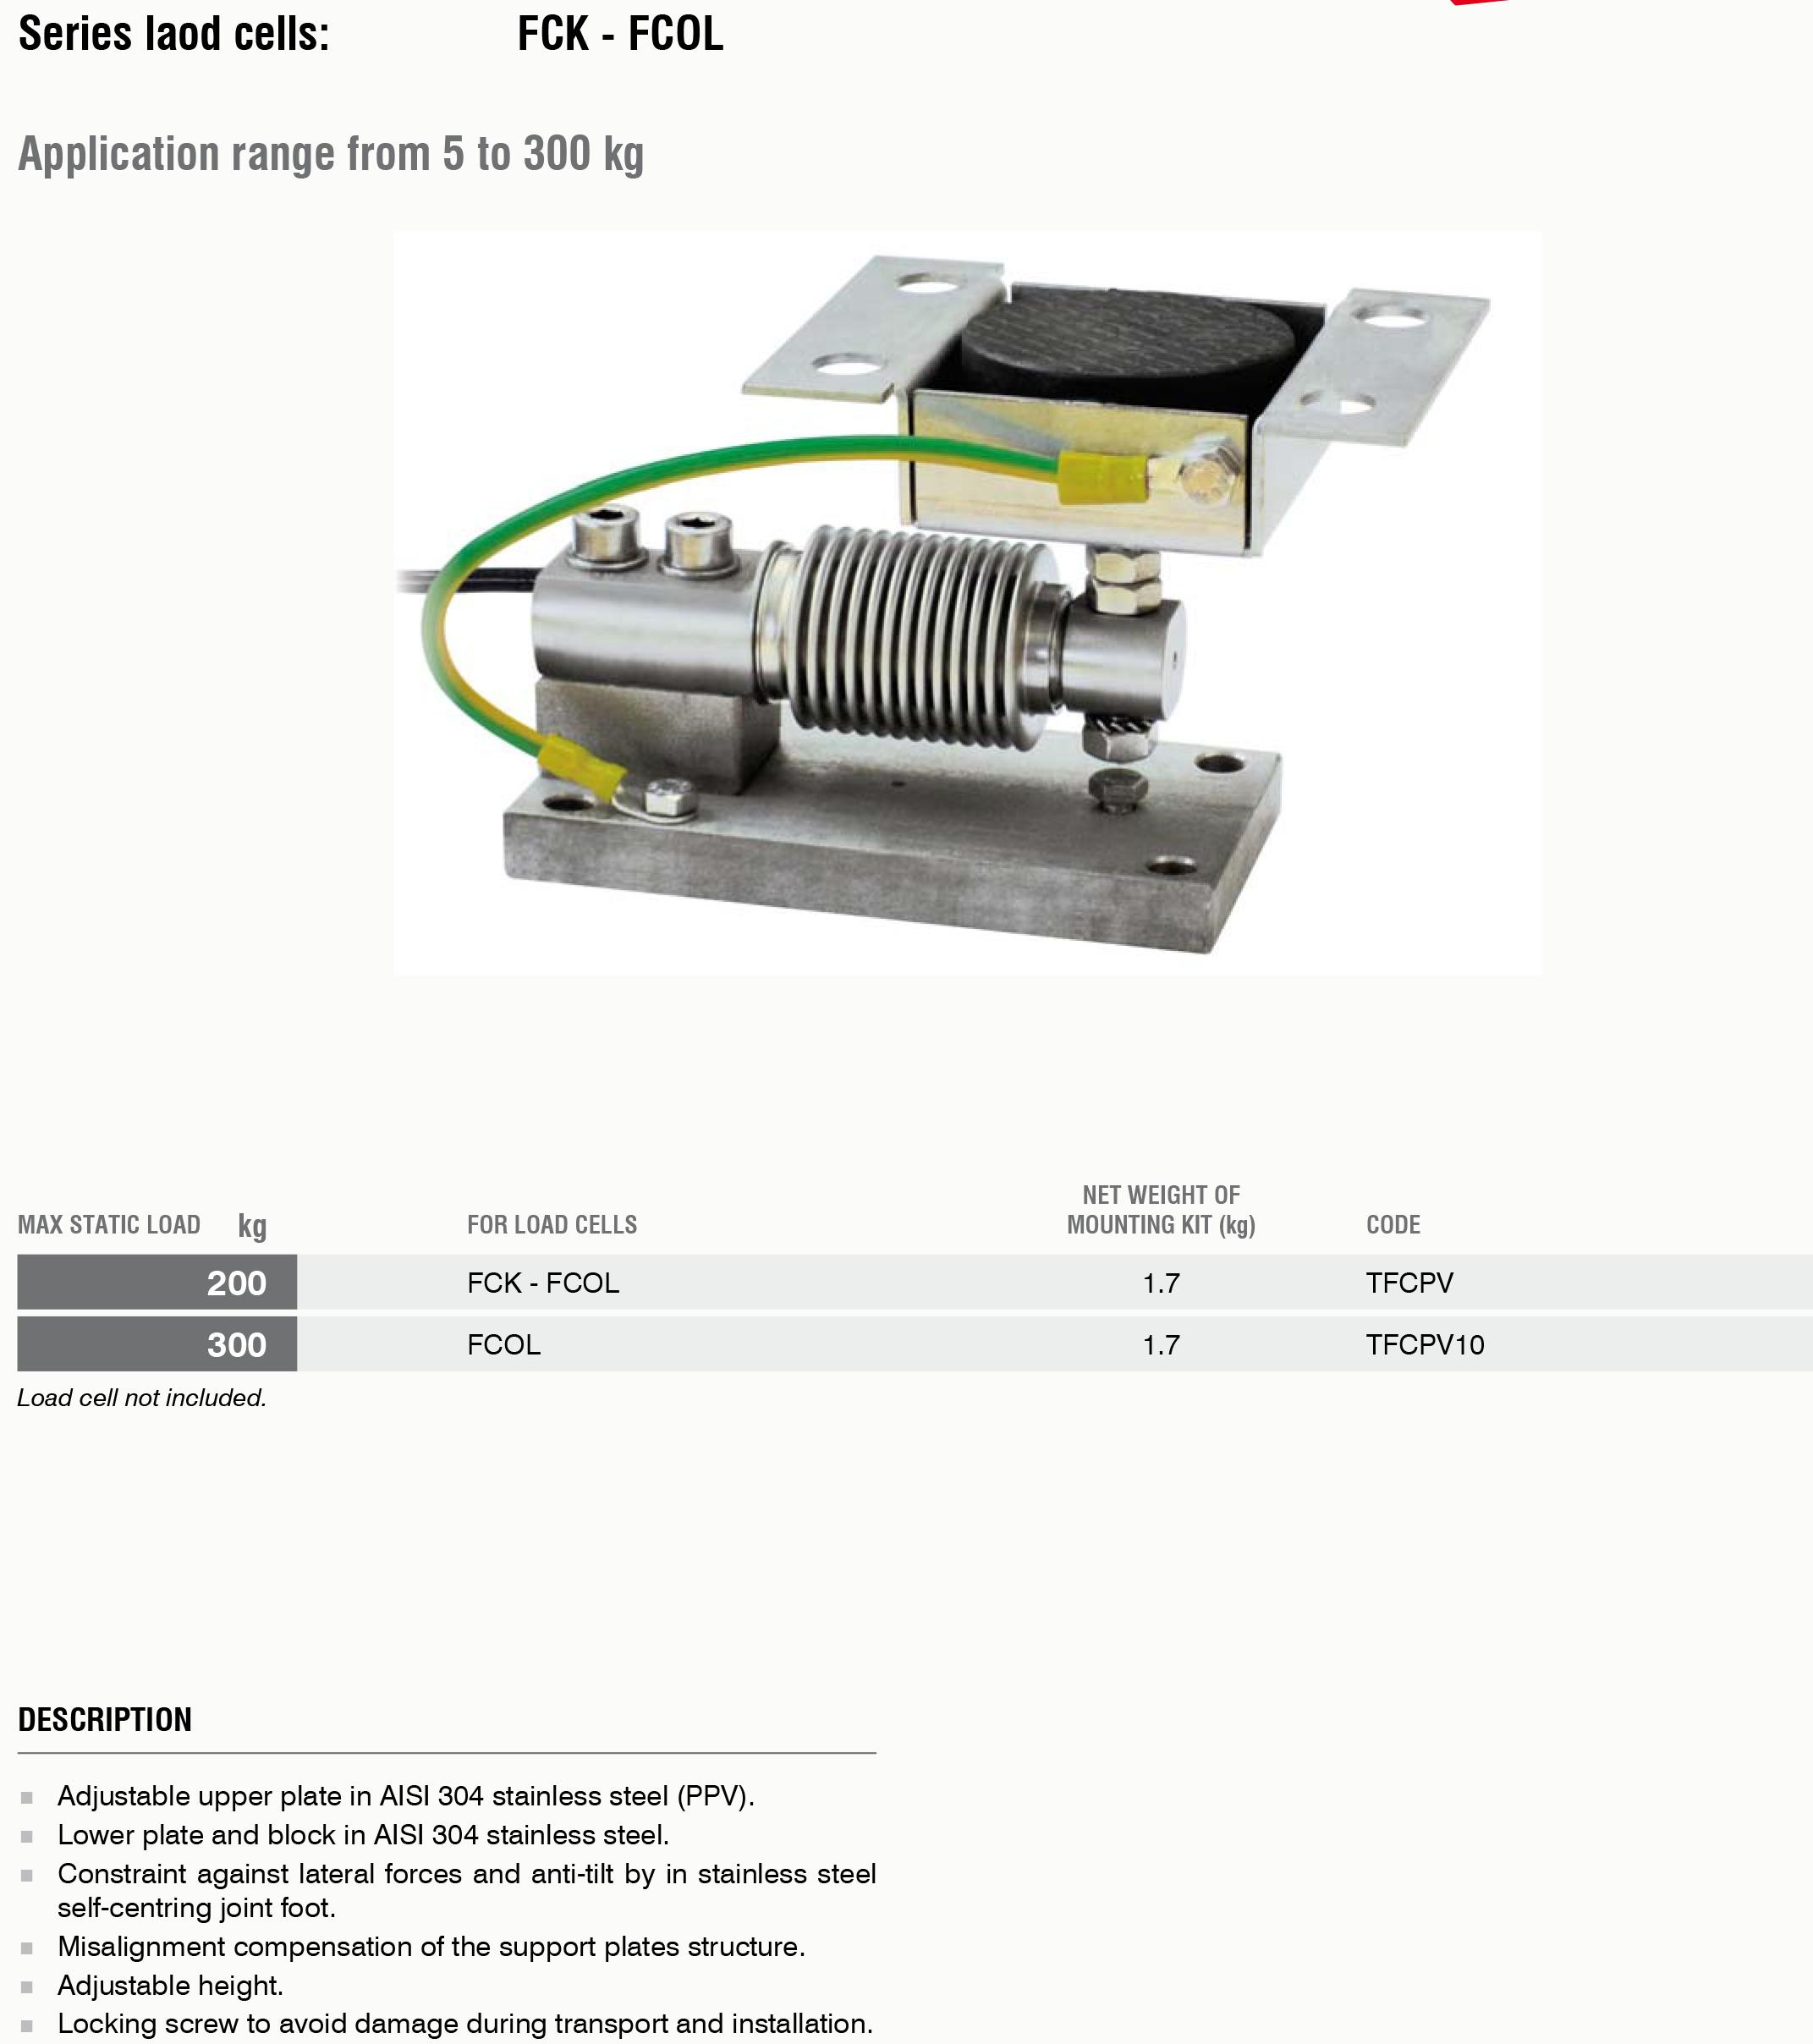 FC PV称重模块尺寸及技术规格